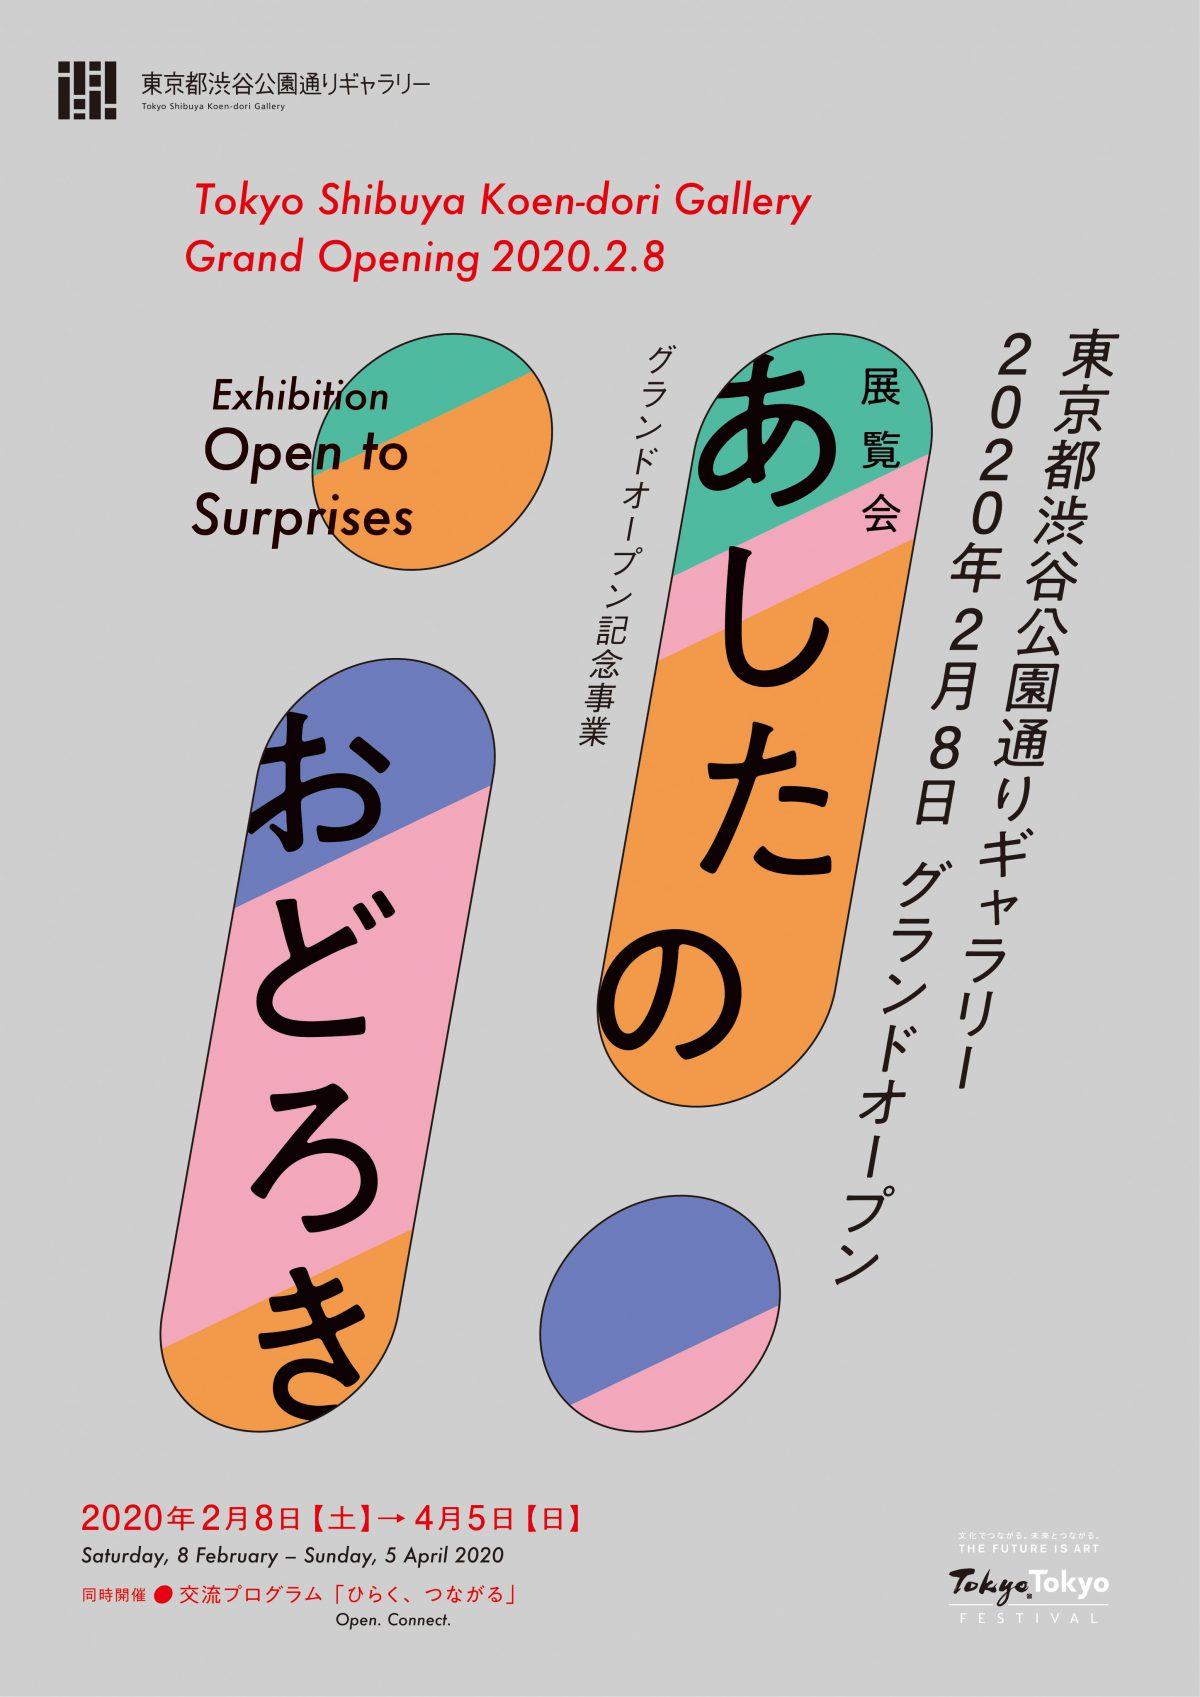 東京都渋谷公園通りギャラリー グランドオープン記念事業「あしたのおどろき」にて小笹逸男さん出品のお知らせ 画像